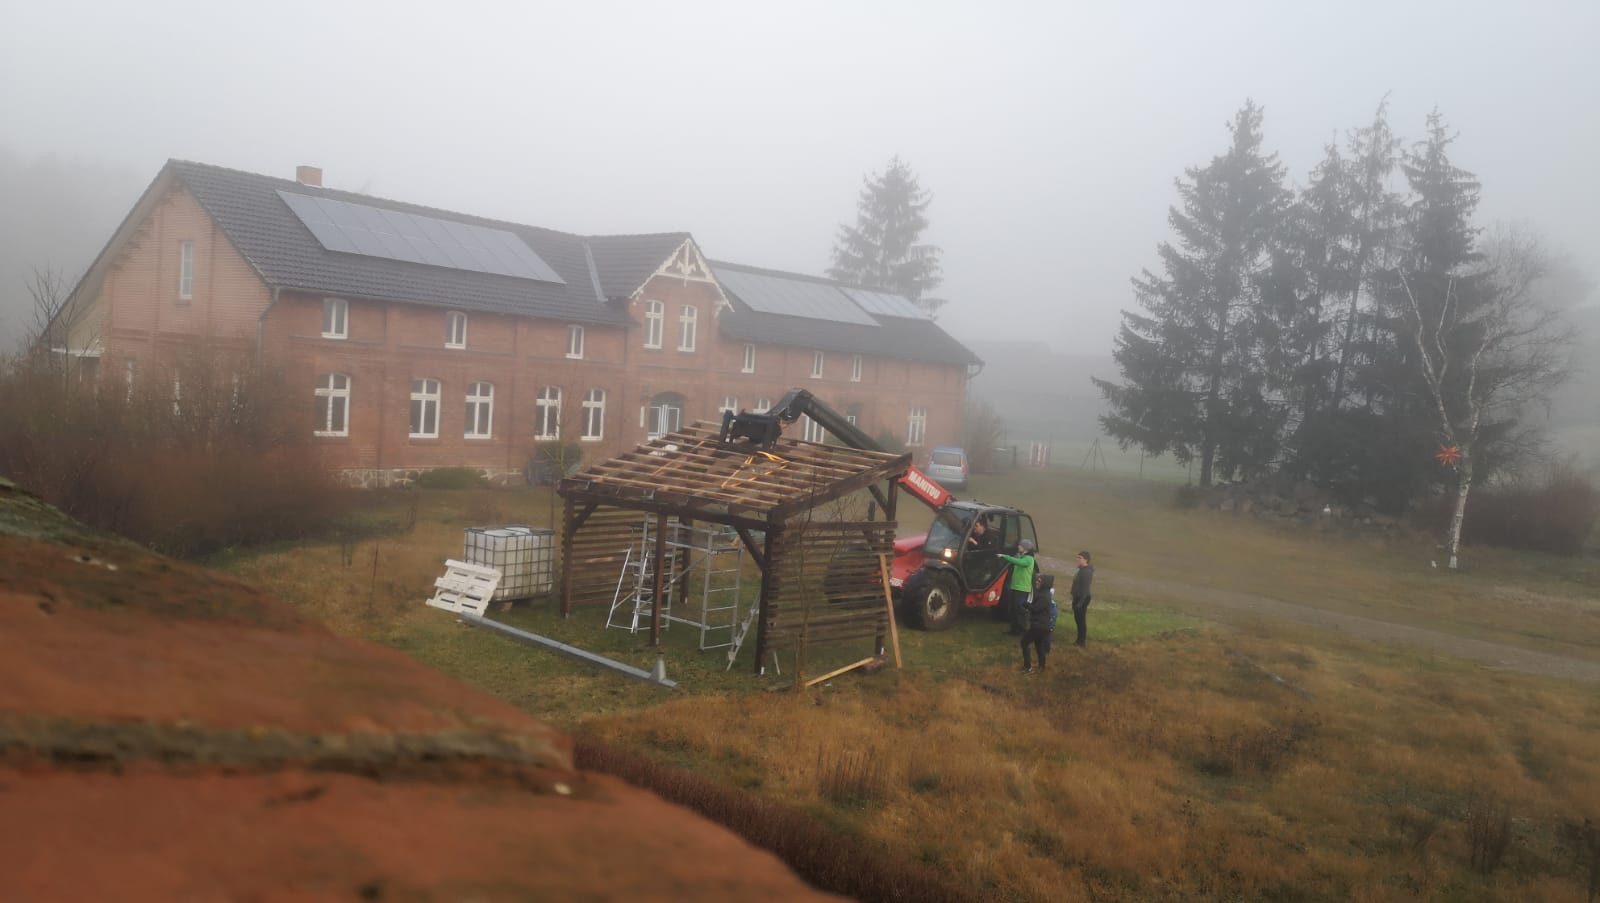 Wir bauen eine Außenbühne